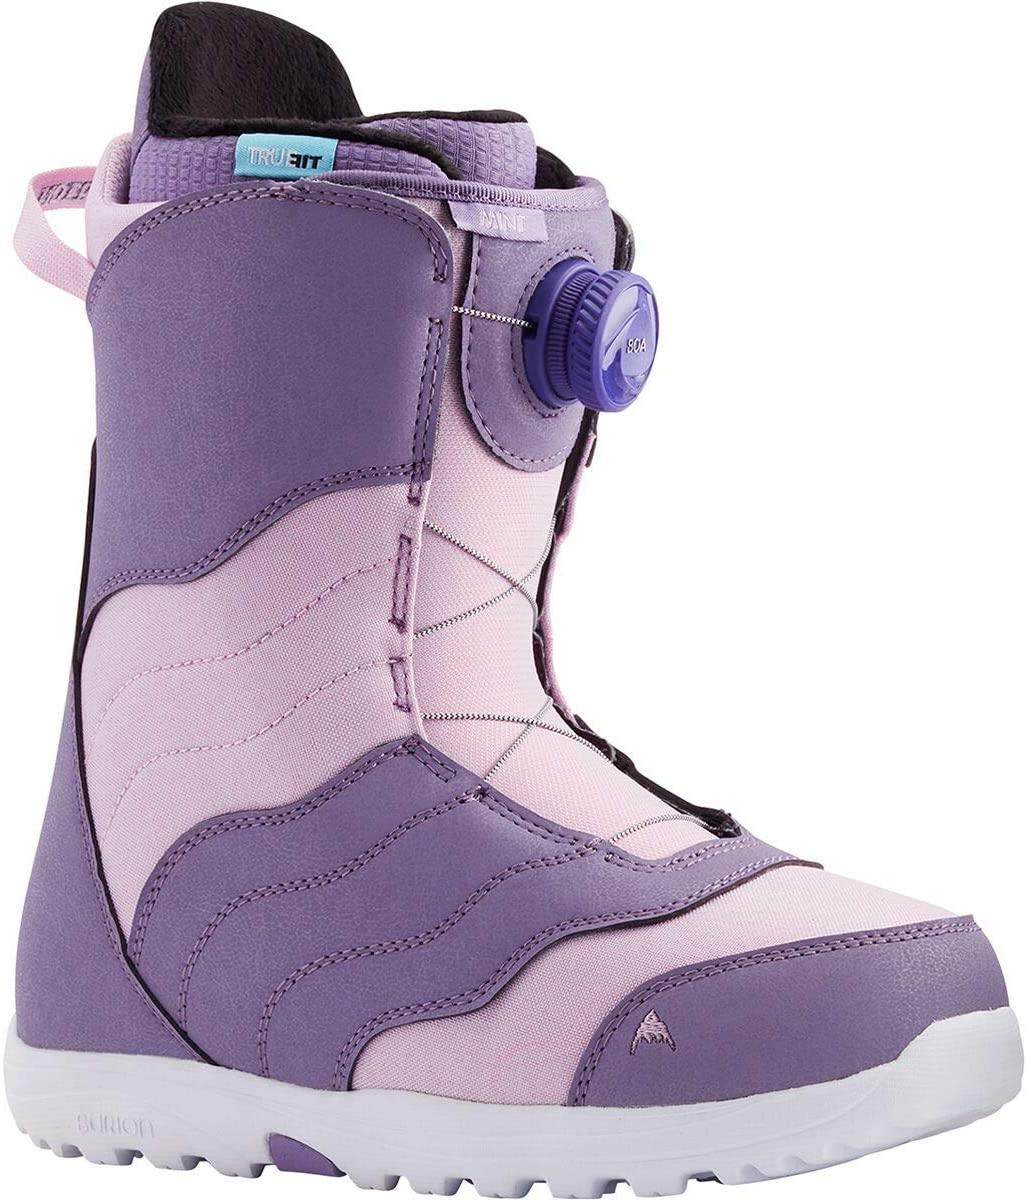 Burton Mint Boa Snowboard Boot - Women's Purple/Lavender, 7.5